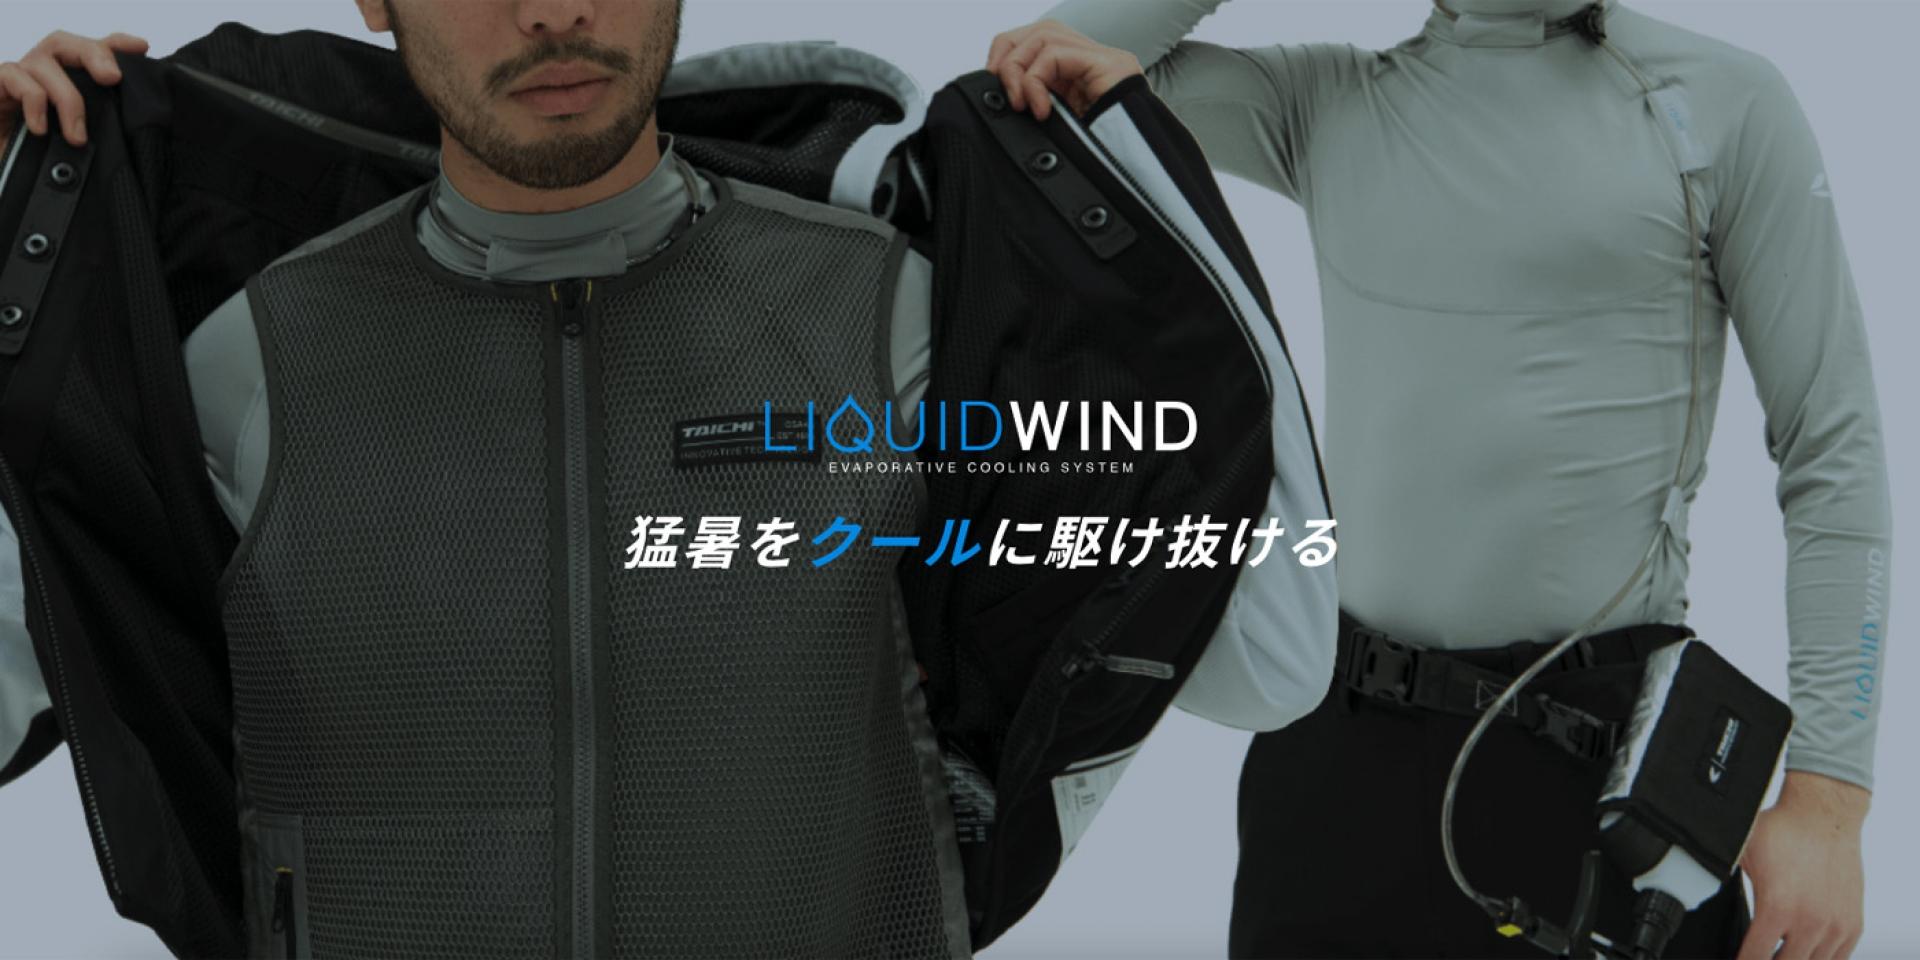 夏日消暑專用!RS Taichi與Gatsby合作開發LiquidWind降溫涼感衣